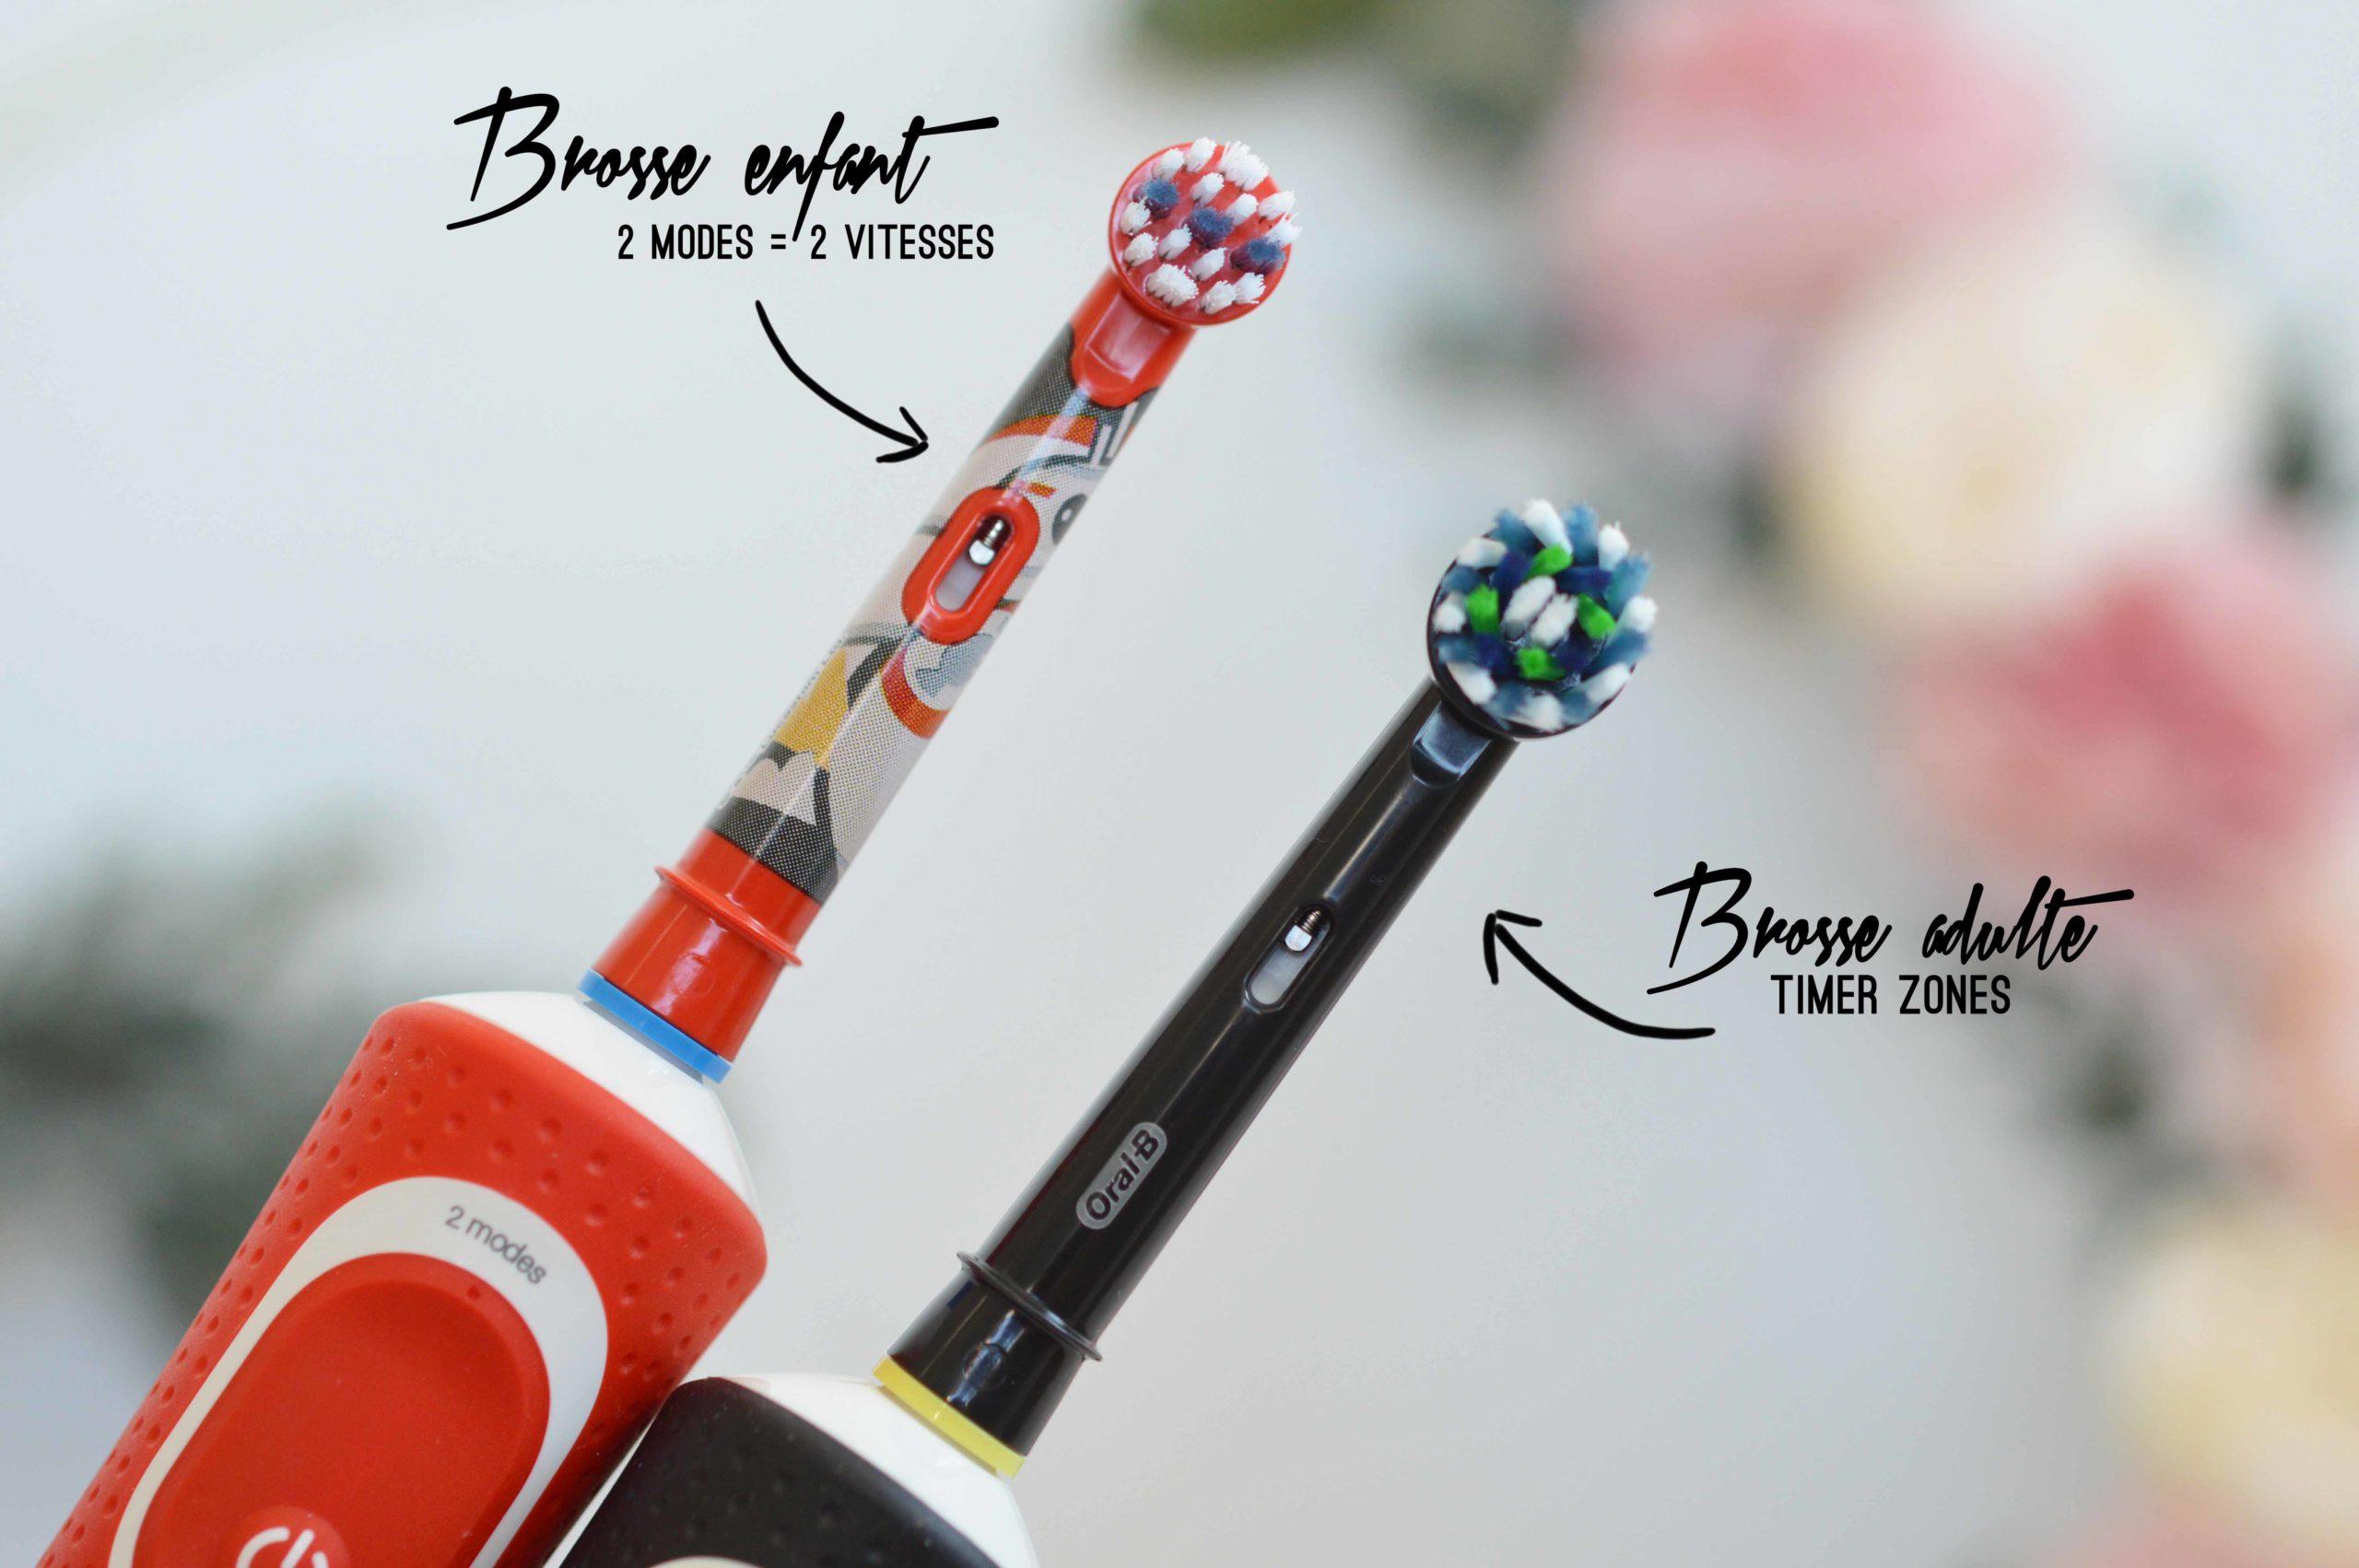 deux brosses différentes et deux modes différent pour ces brosses à dents électriques